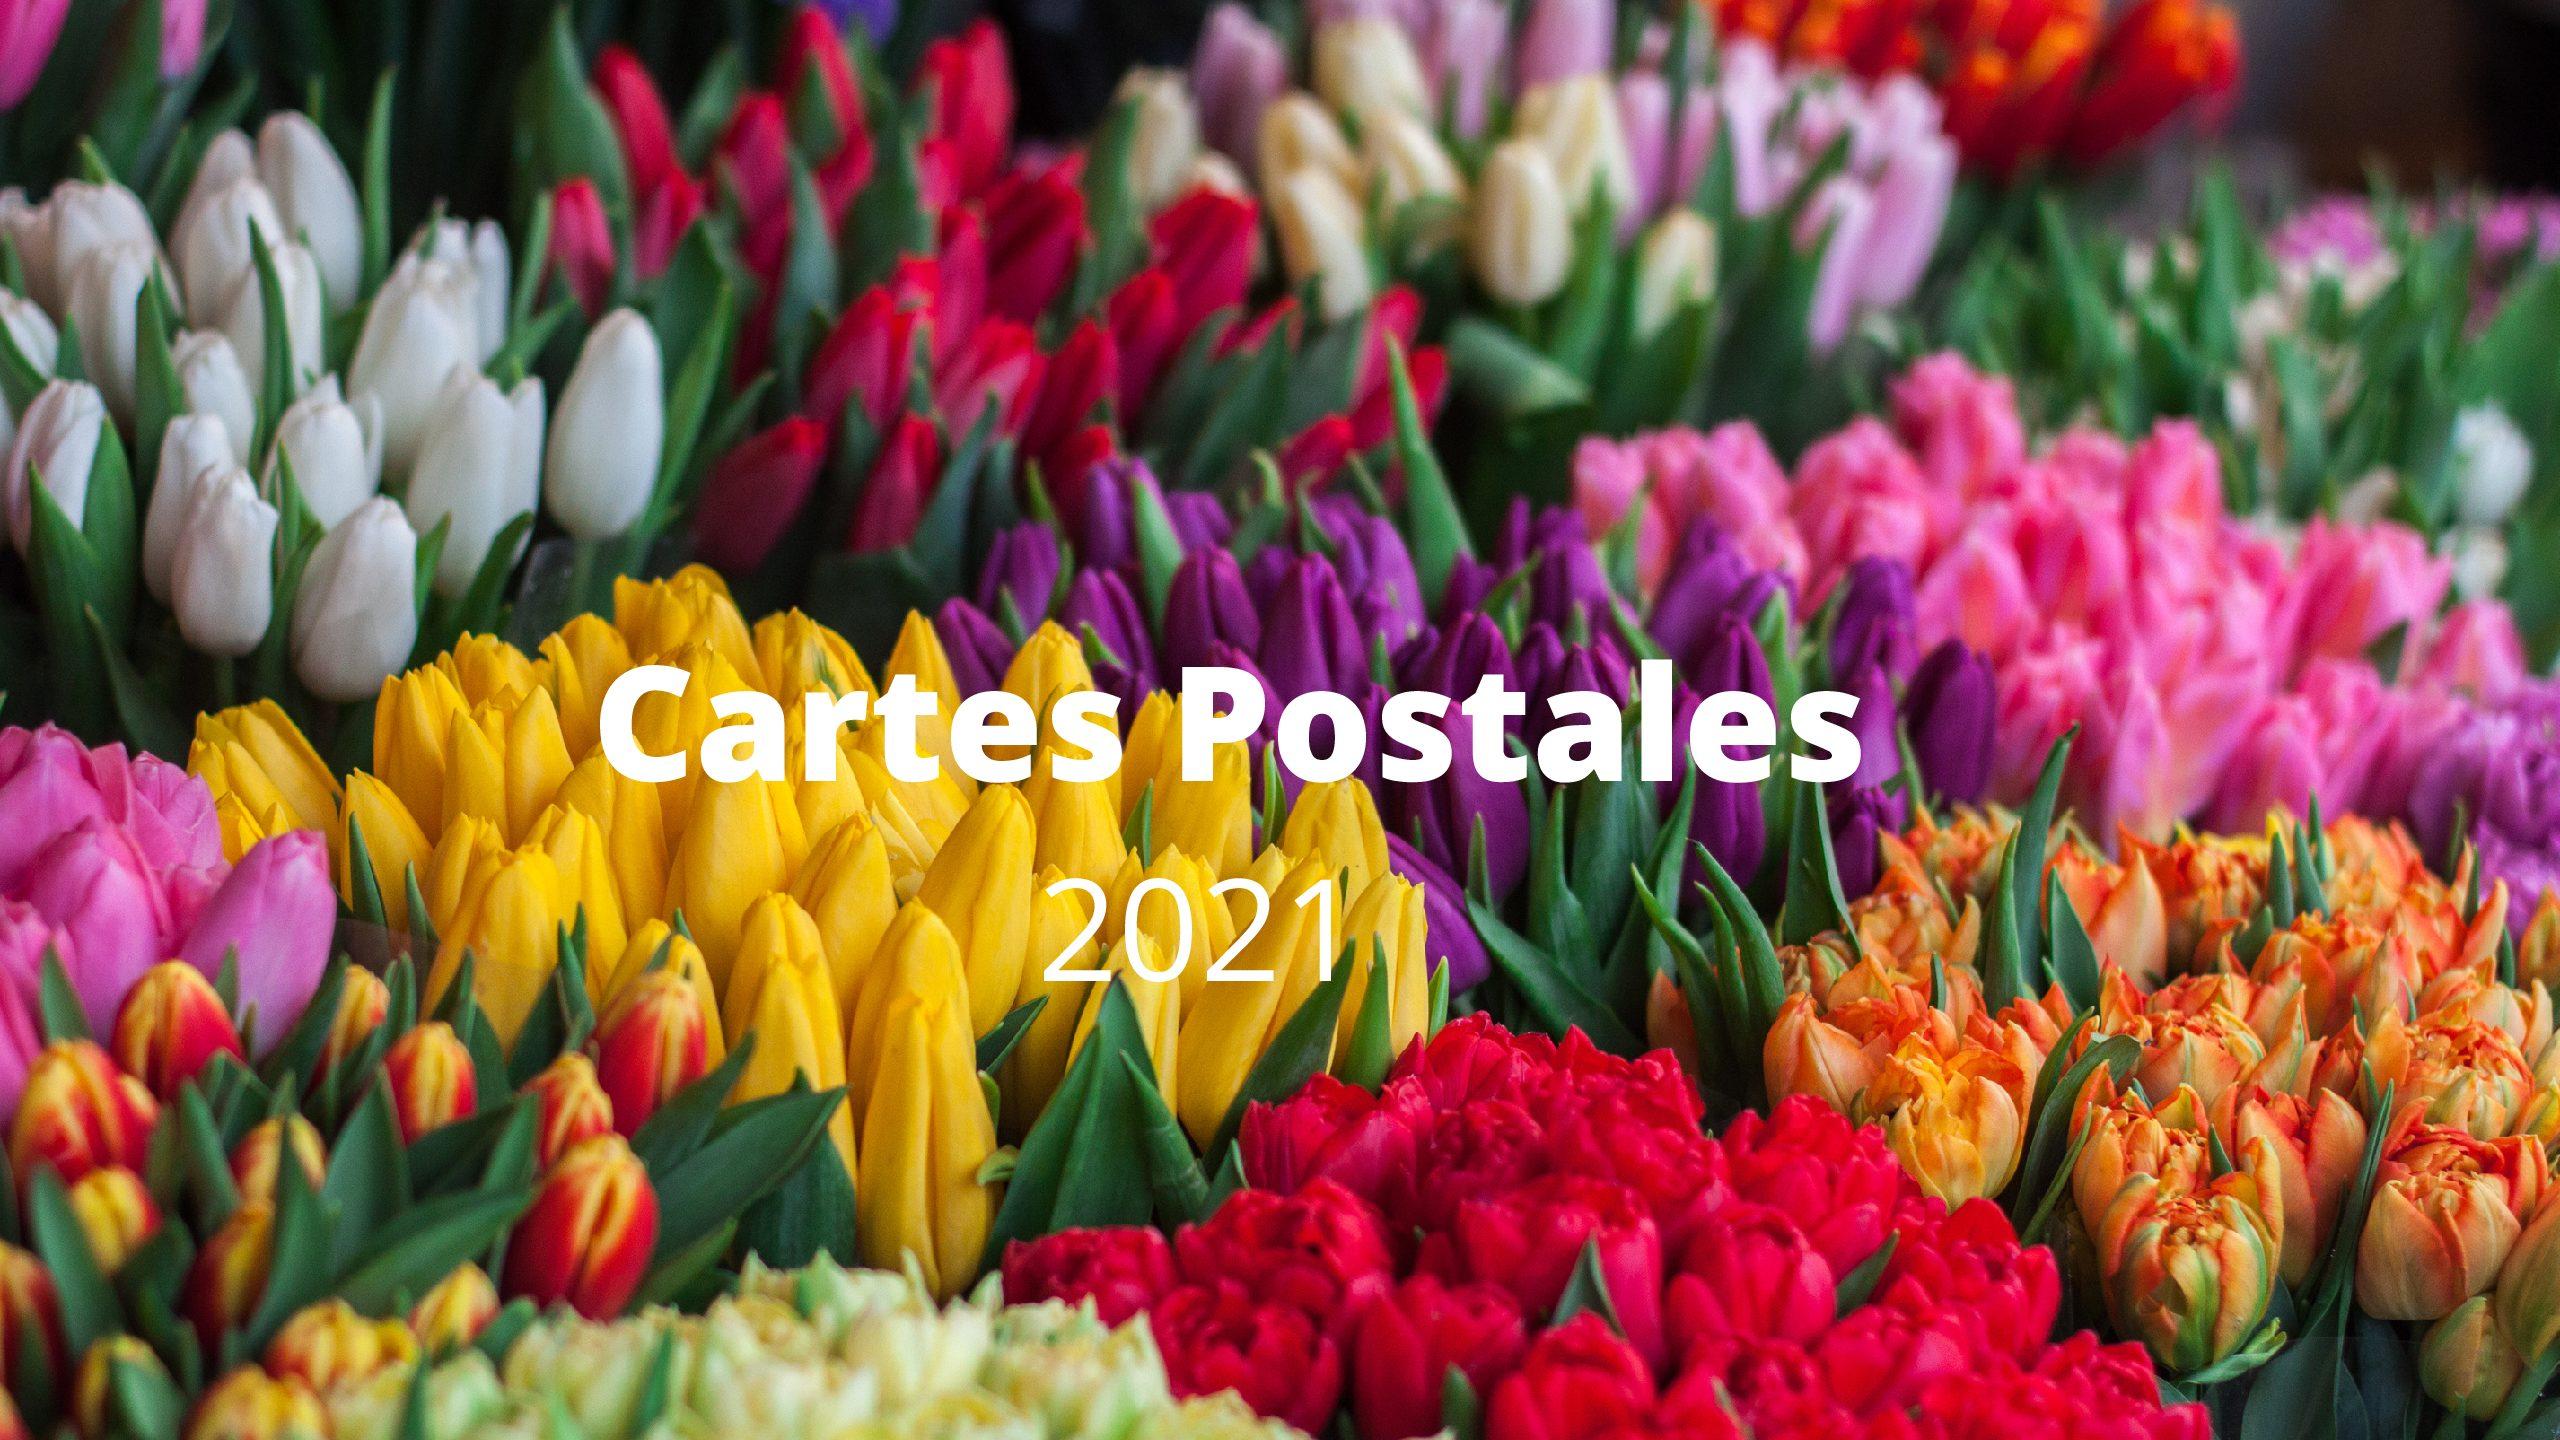 Cartes Postales 2021 (3ème partie) : Laquelle préférez-vous?